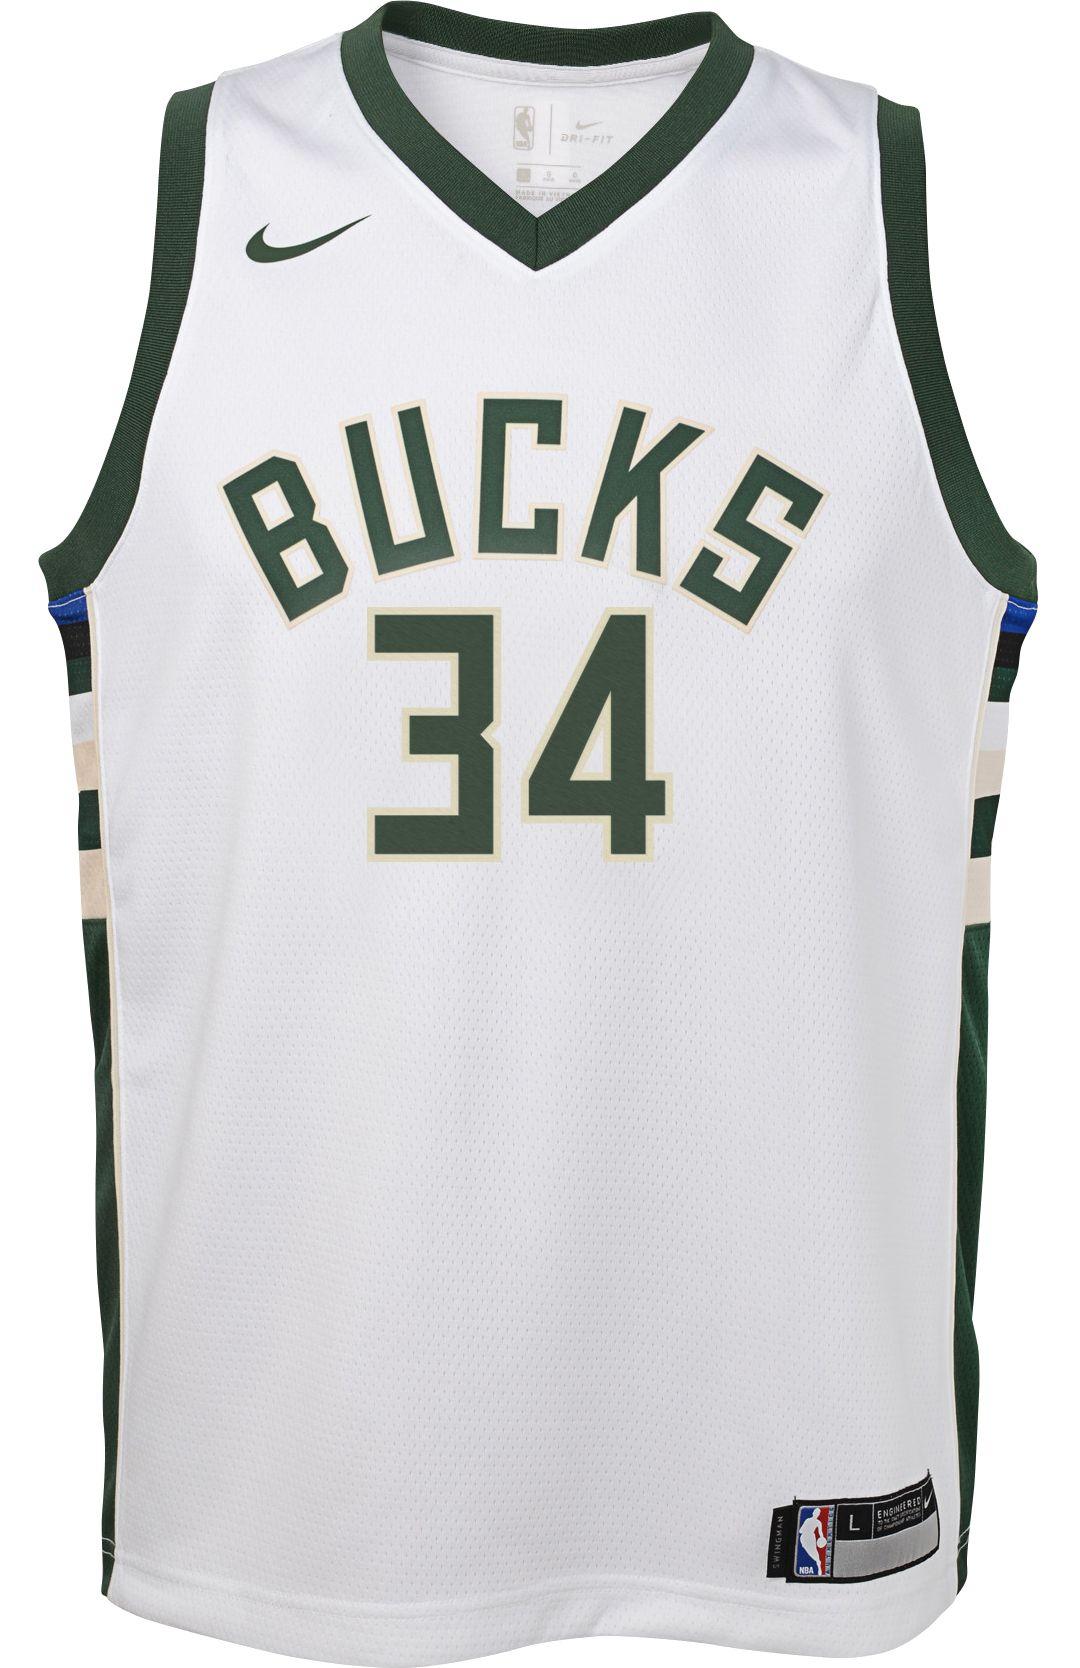 62d64bd04bc Nike Youth Milwaukee Bucks Giannis Antetokounmpo #34 White Dri-FIT Swingman  Jersey 2